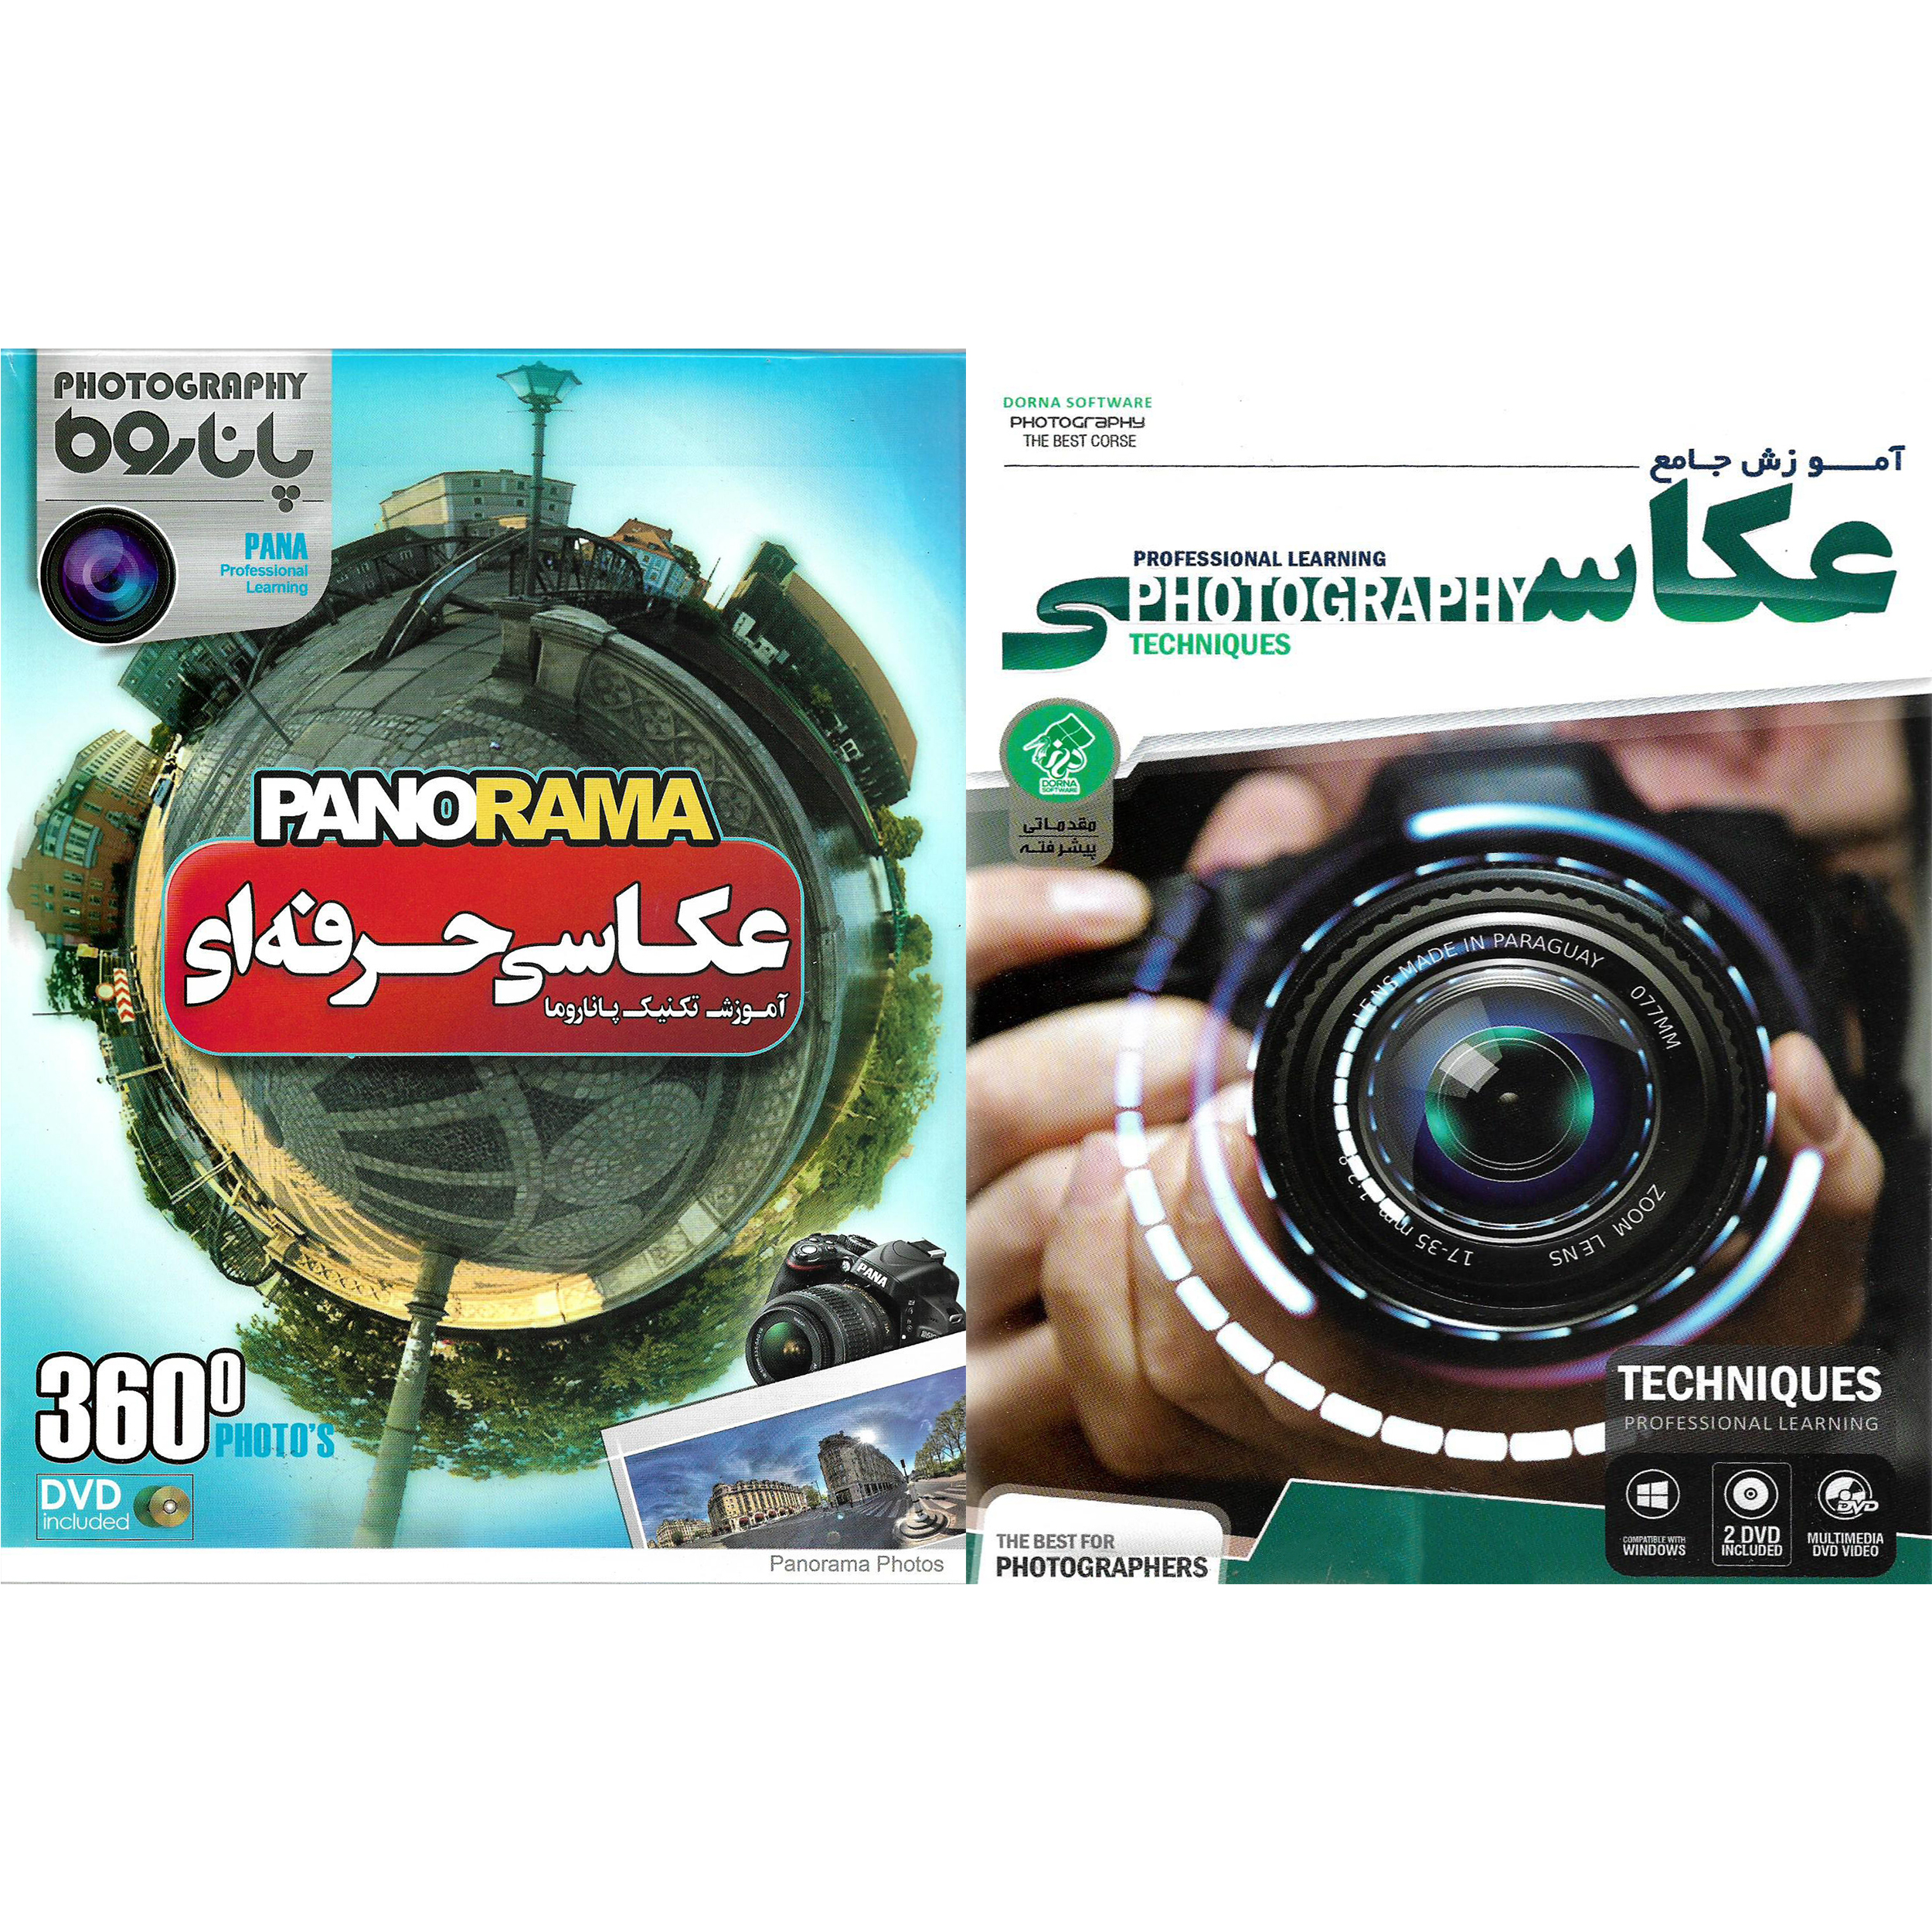 نرم افزار آموزش جامع عکاسی نشر درنا به همراه نرم افزار آموزش عکاسی حرفه ای PANORAMA نشر پانا